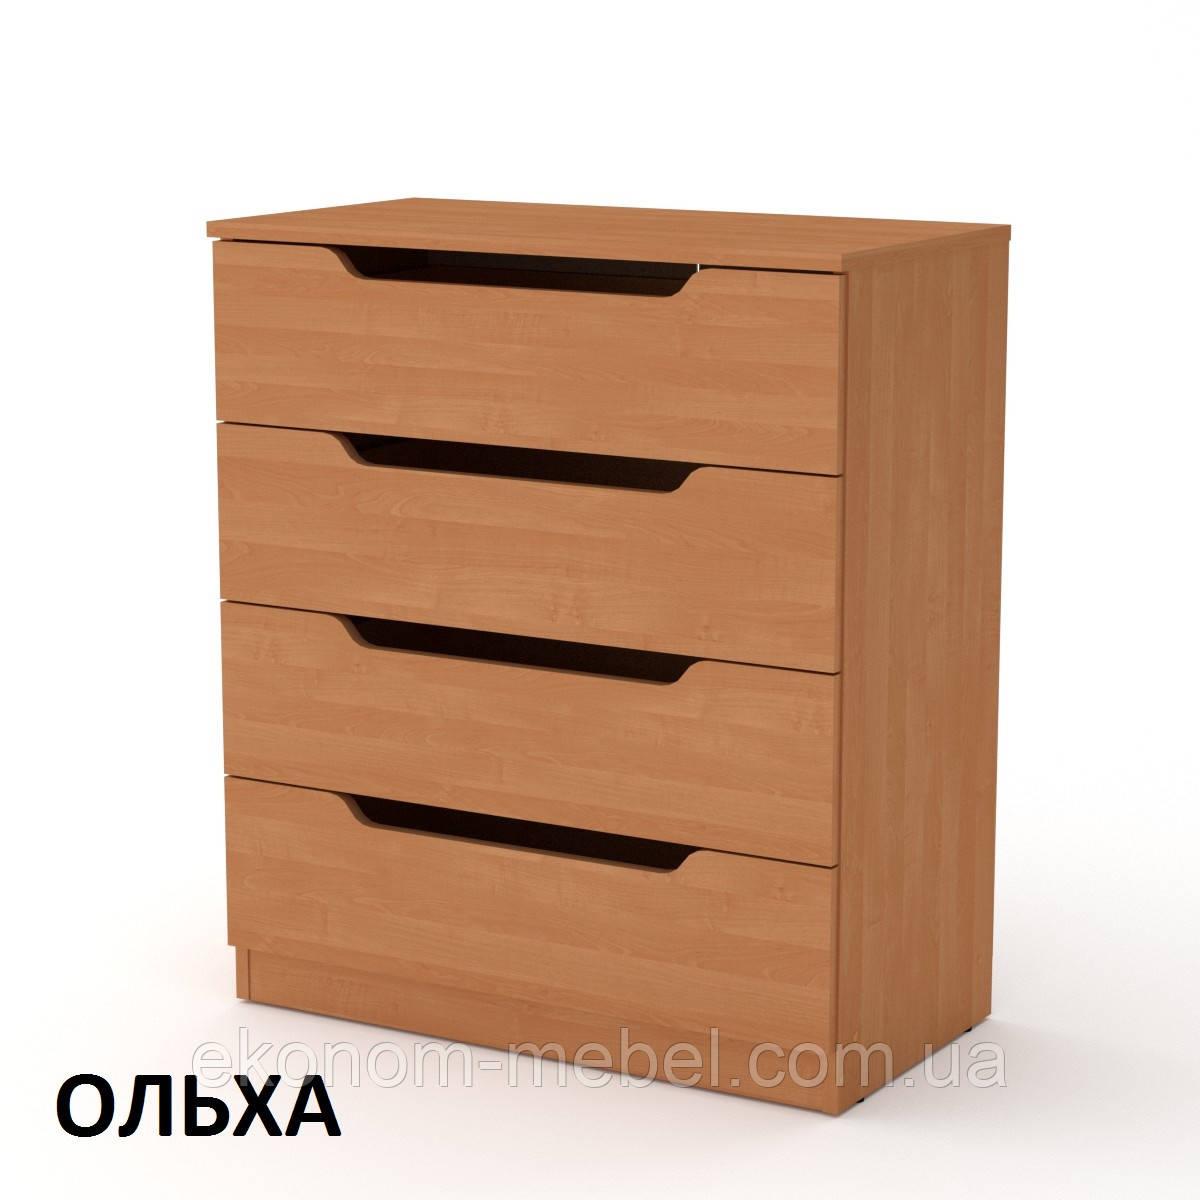 Комод-4М без ручек, скандинавский